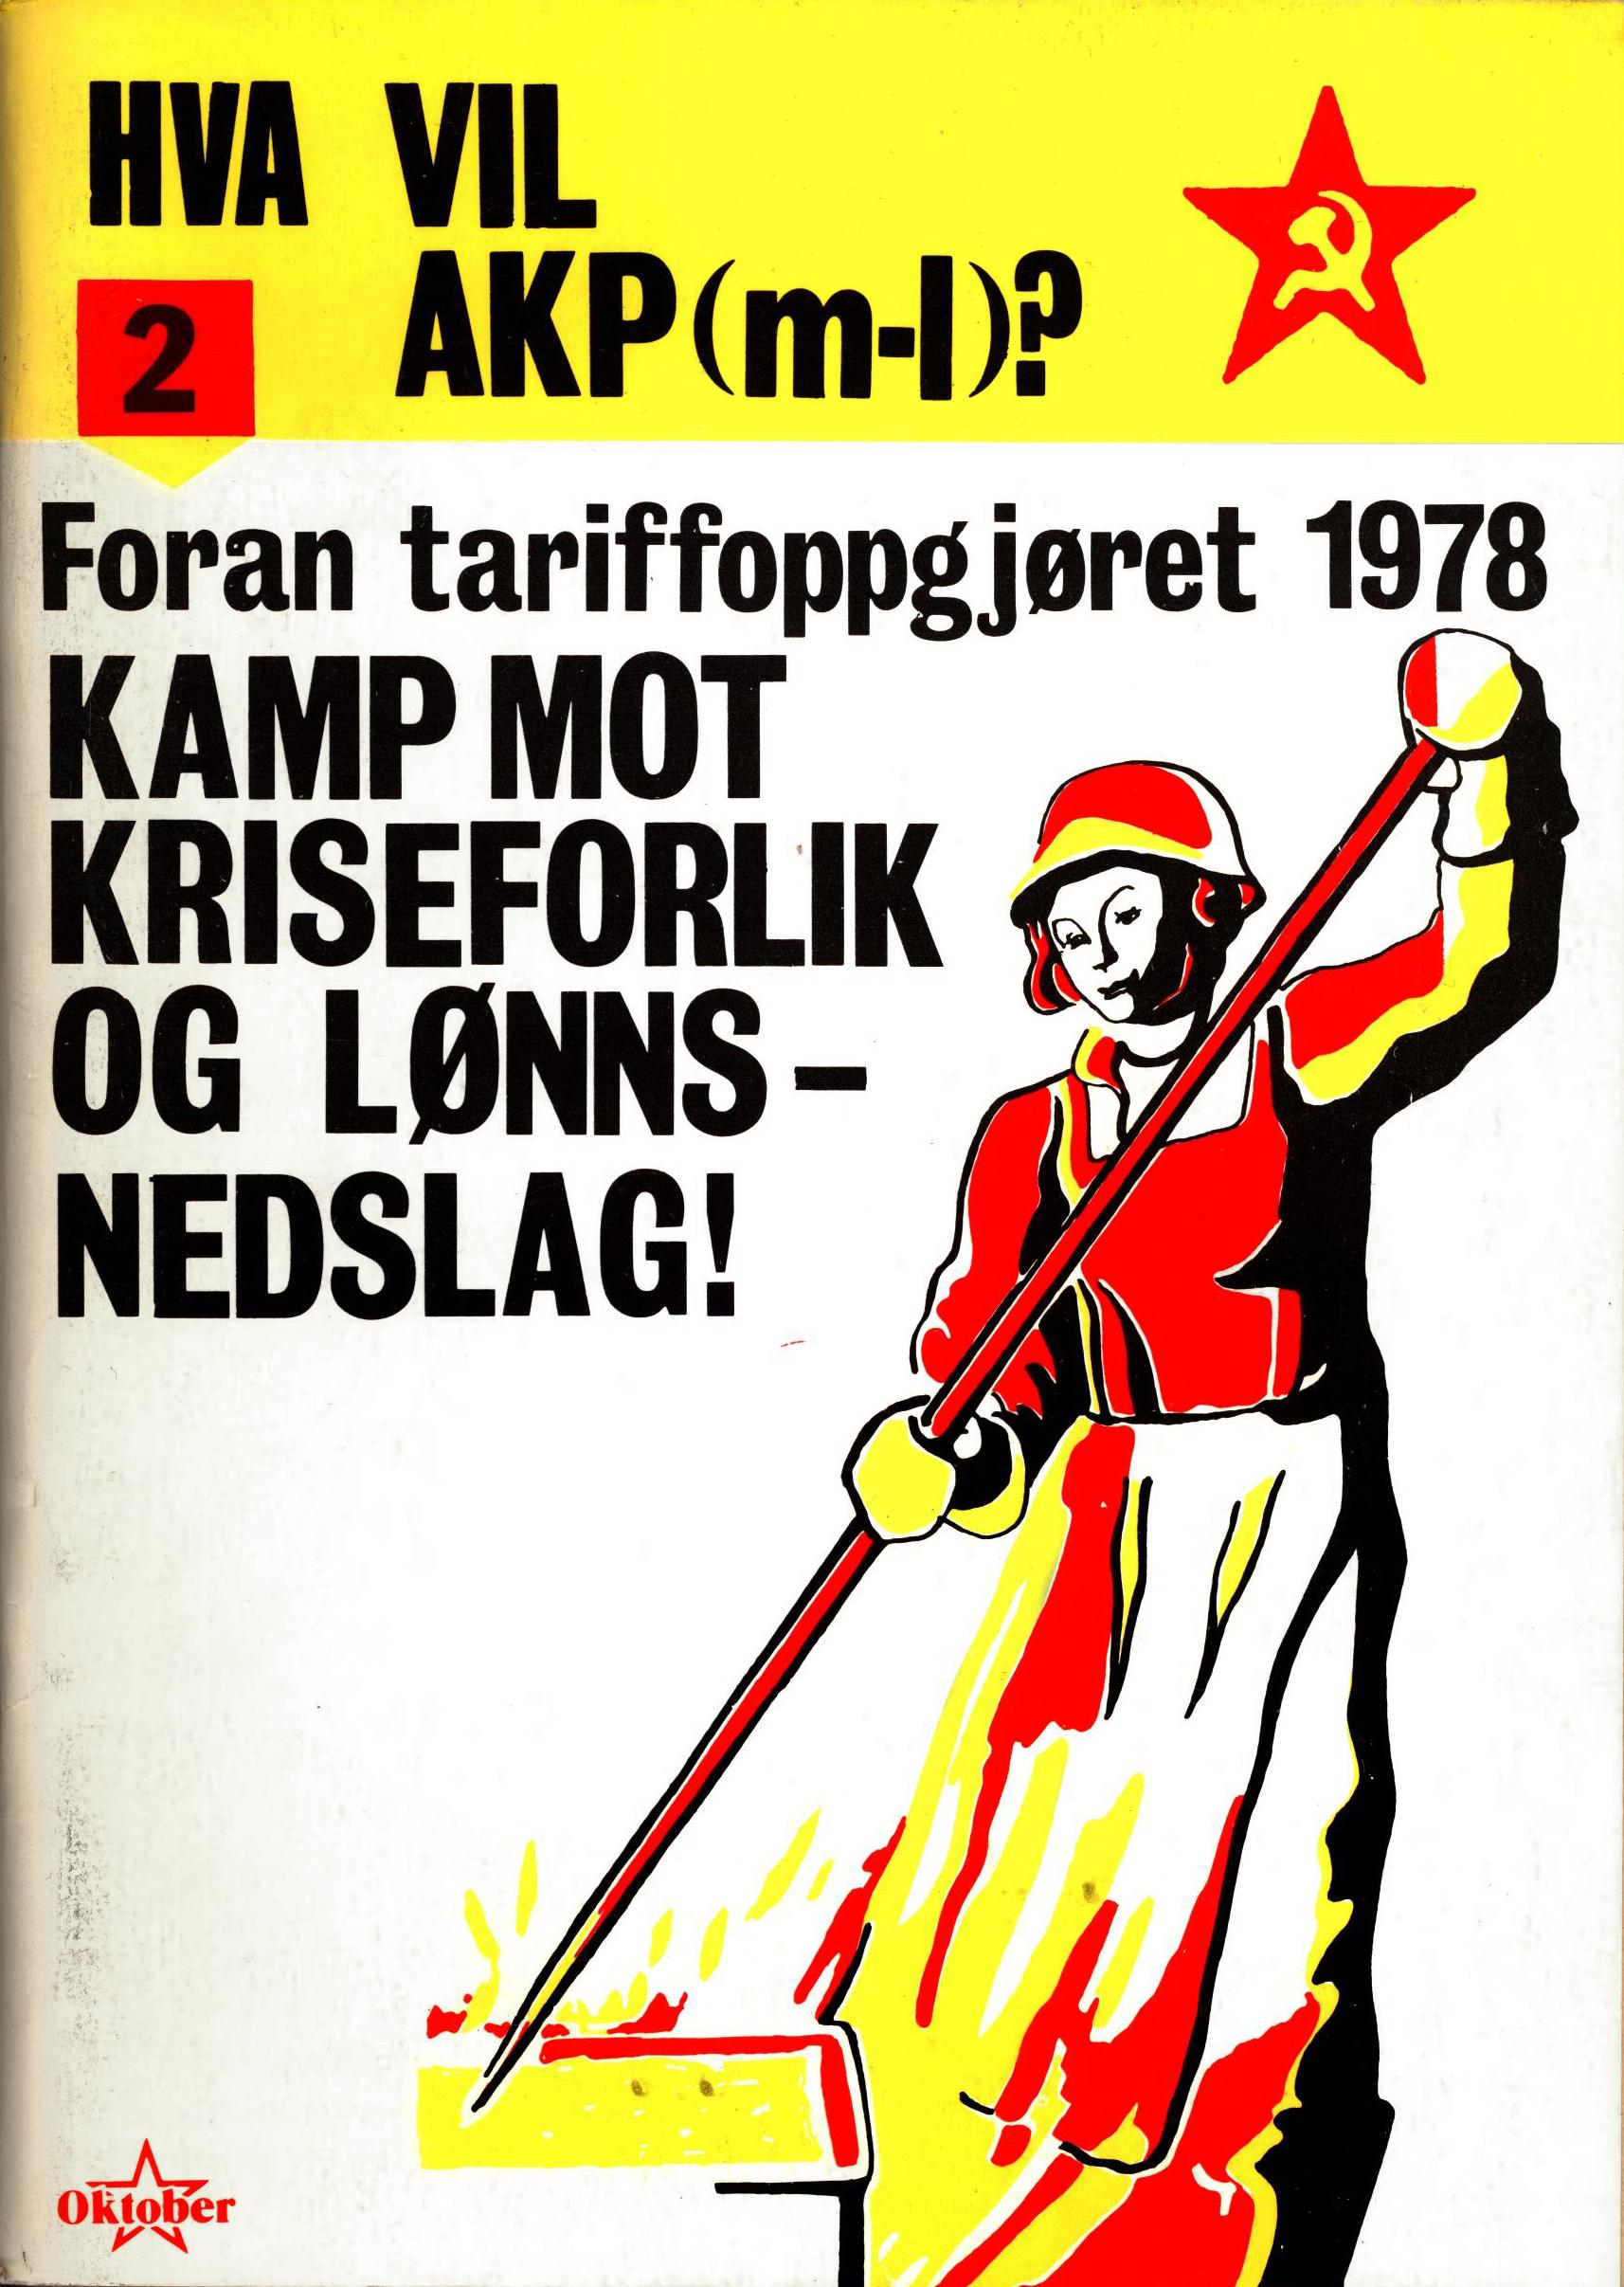 Hva vil AKP(m-l)? #2: Foran tariffoppgjøret 1978: Kamp mot kriseforlik og lønnsnedslag!